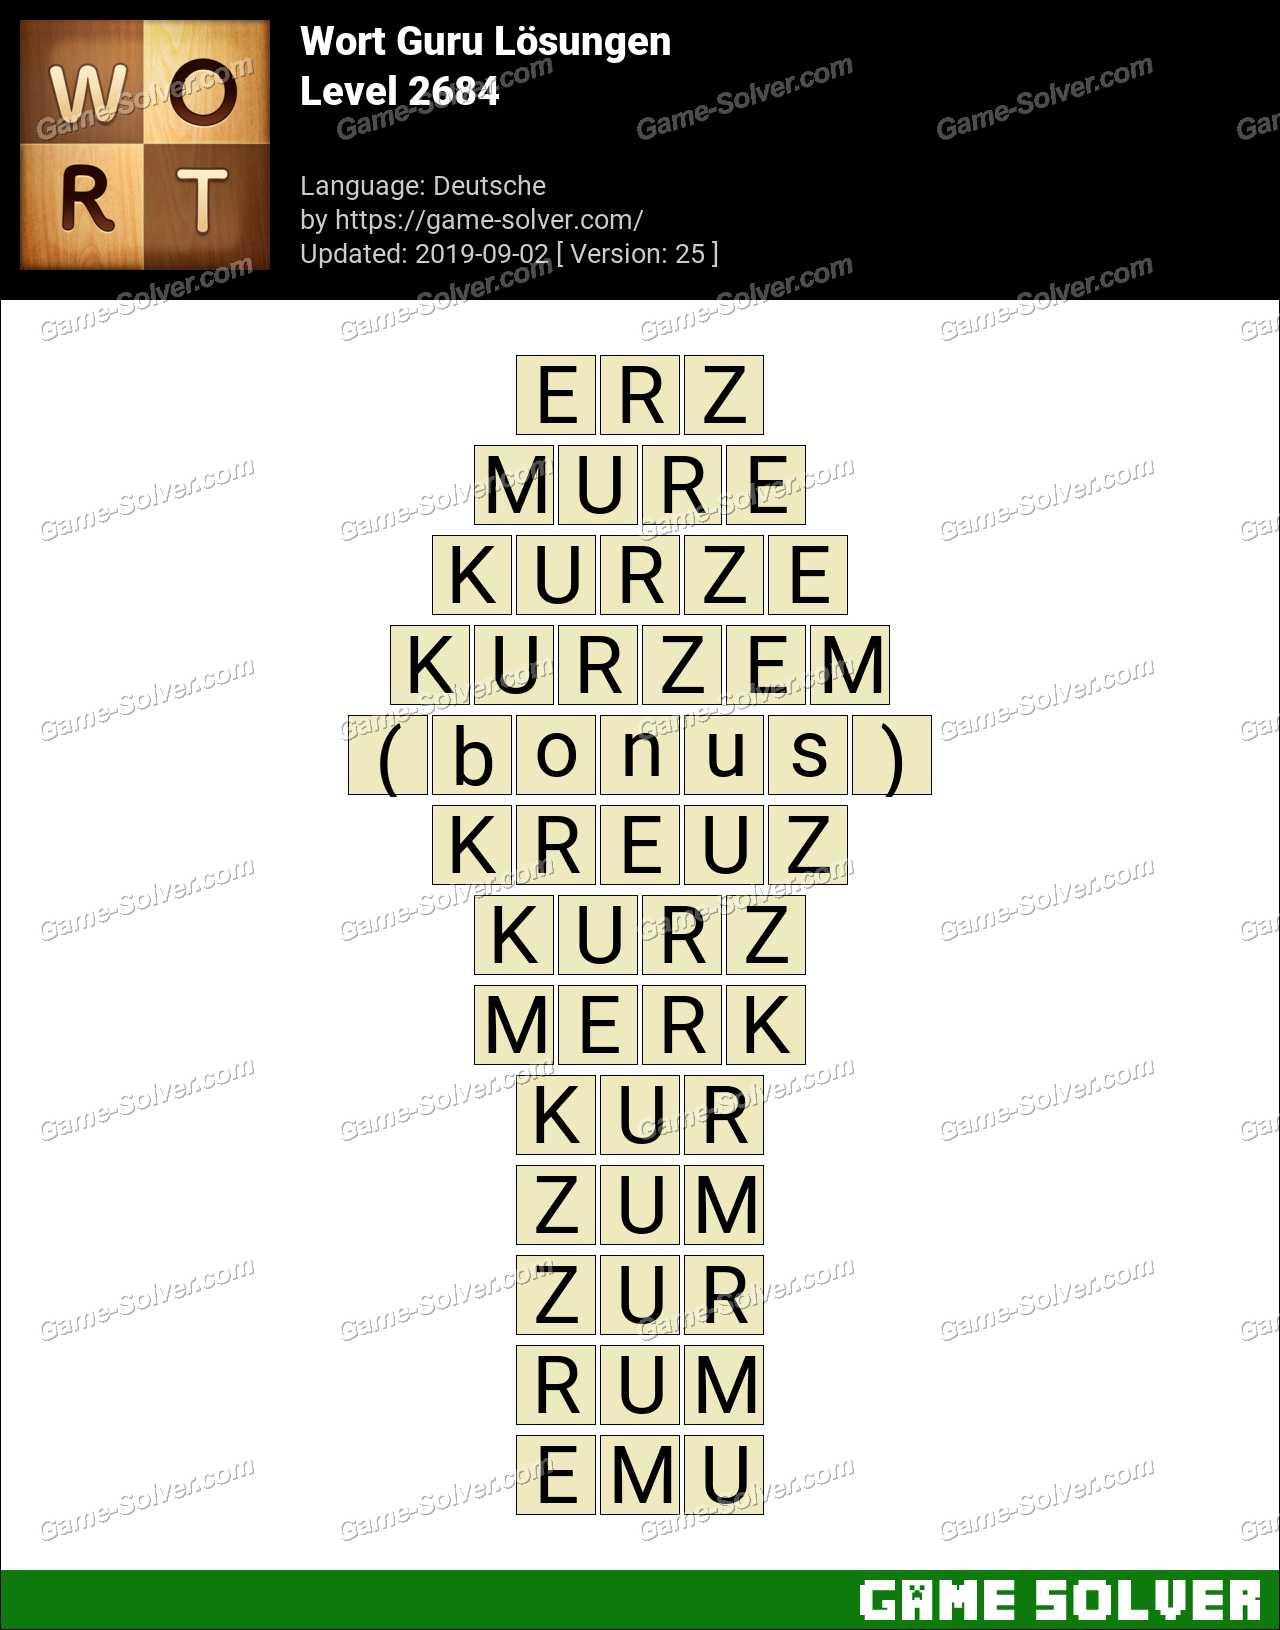 Wort Guru Level 2684 Lösungen